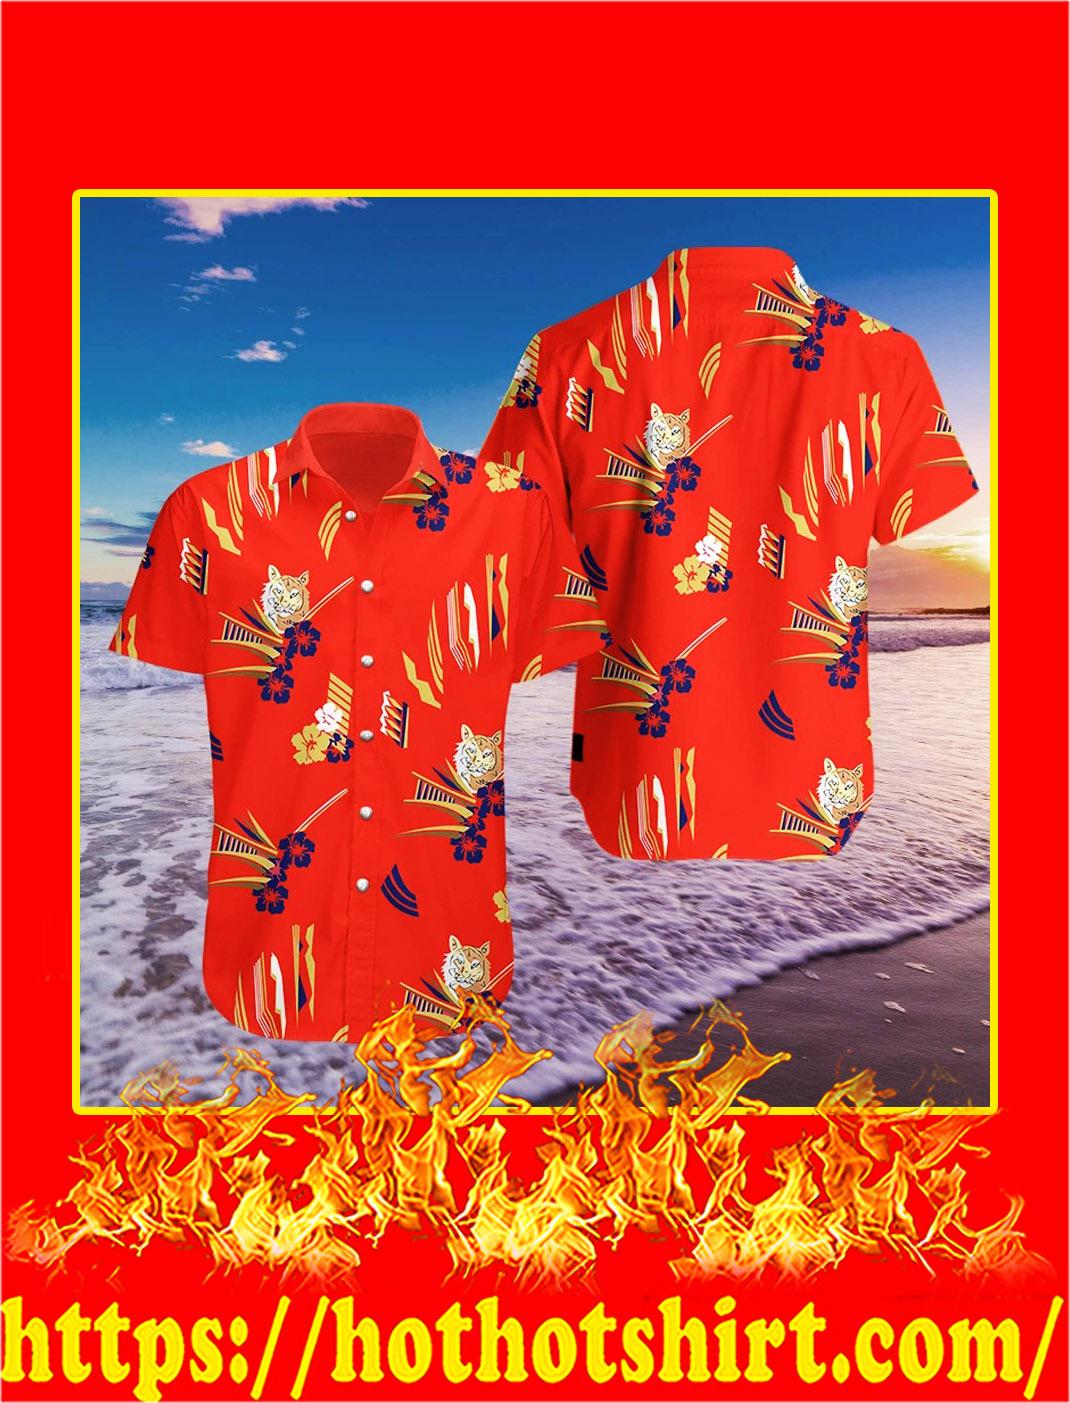 Tony Montana The godfather hawaiian shirt